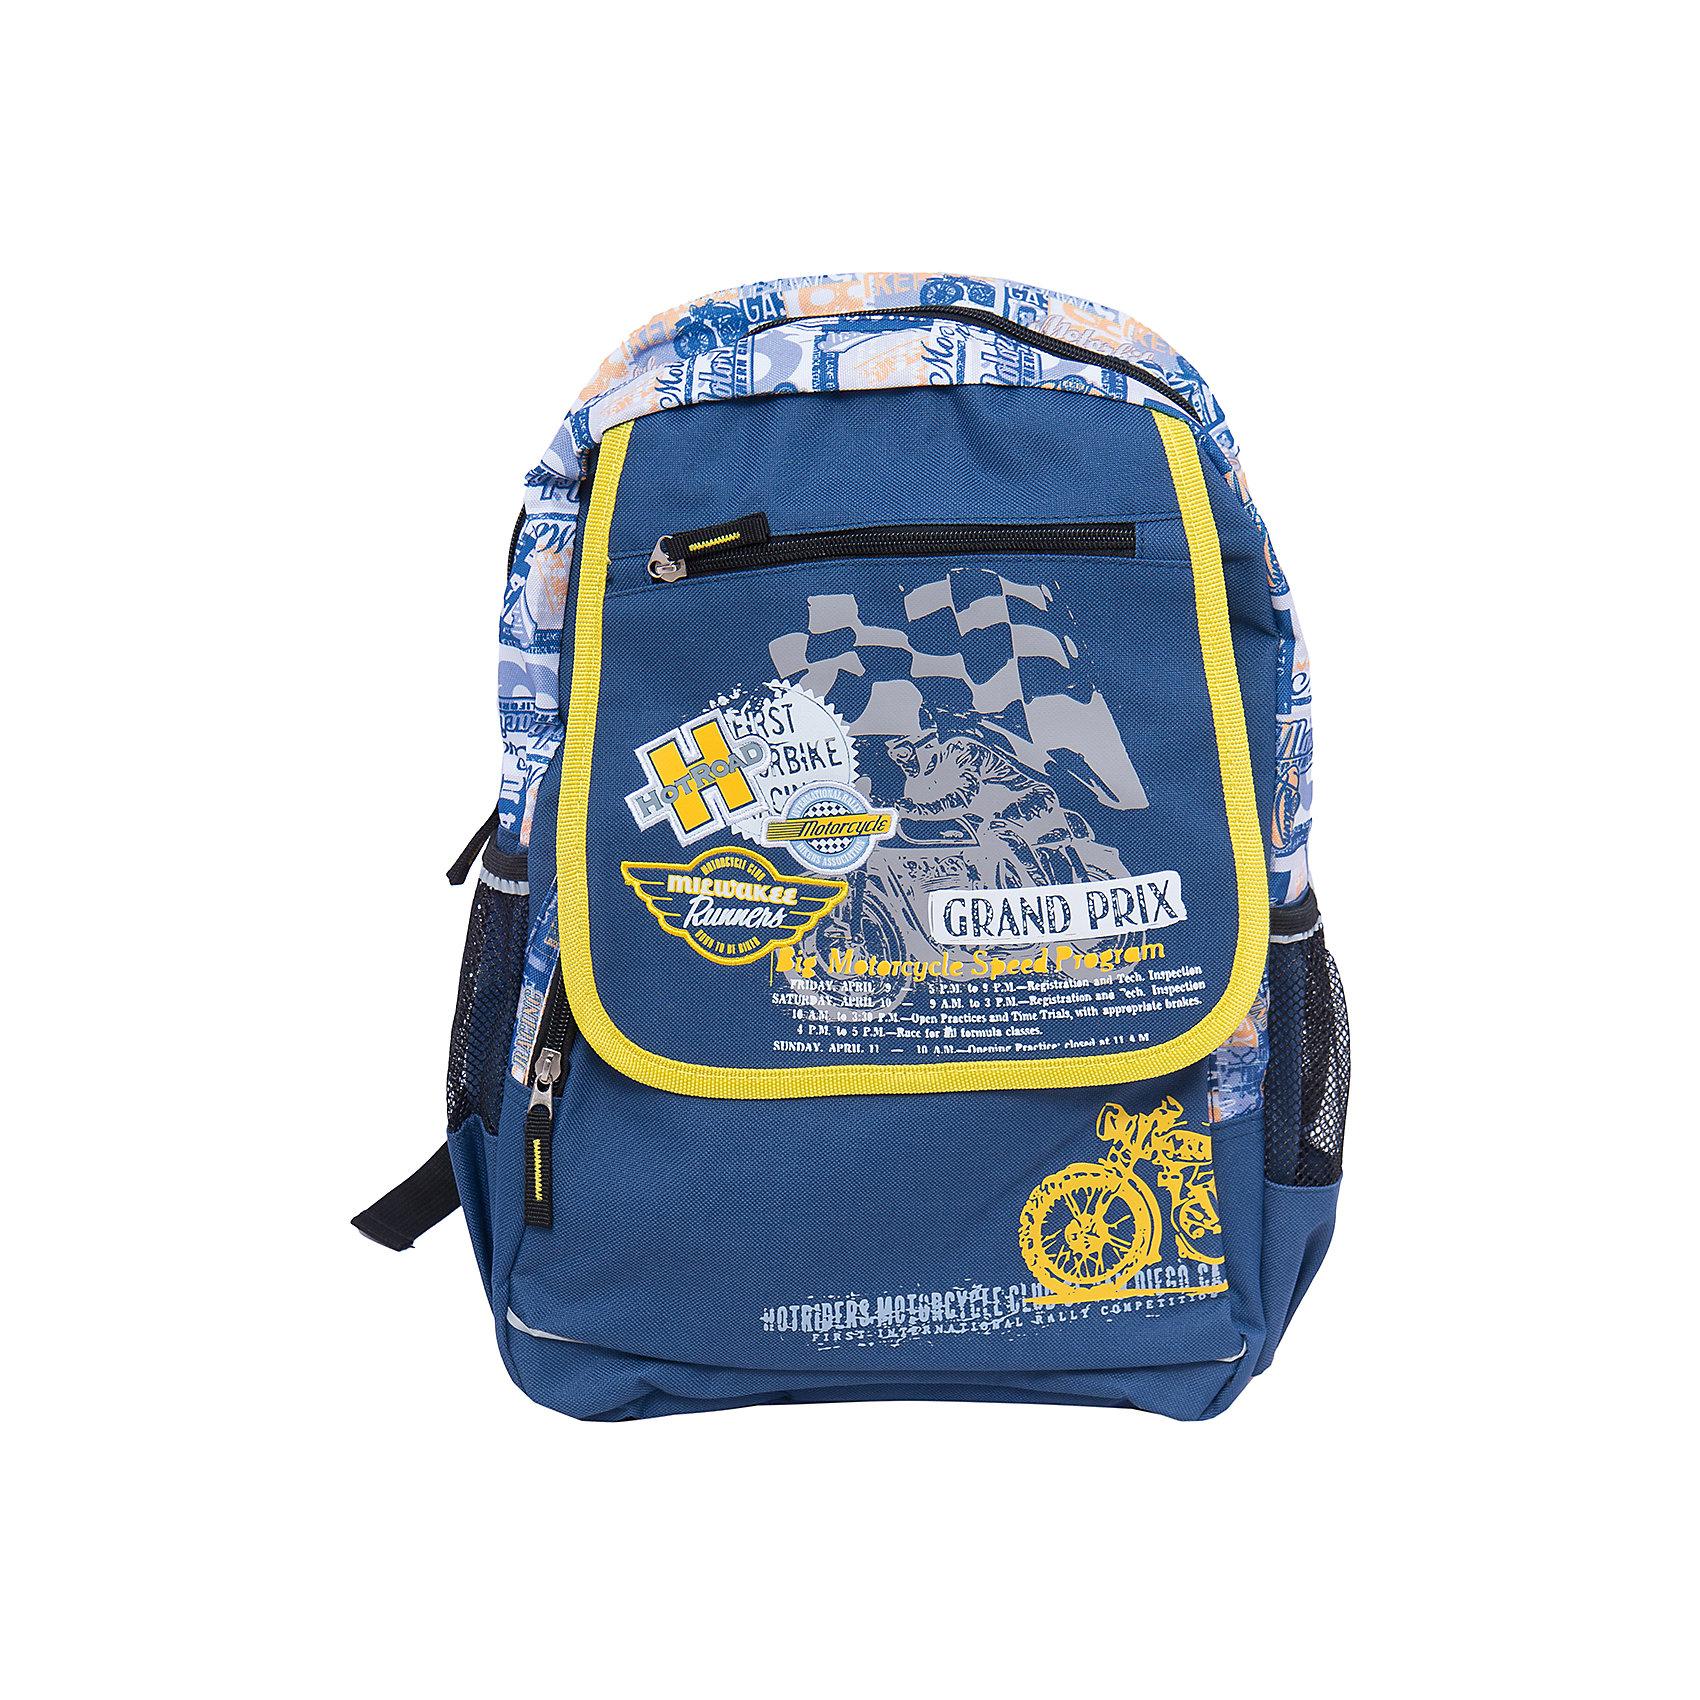 Школьный рюкзакШкольные рюкзаки<br>Рюкзак с оригинальным изображением идеально подходит для похода ребенка в школу. Он очень стильно выглядит и может вместить в себя всё необходимое для занятий. Главное - у него жесткая ортопедическая спинка, позволяющая формировать у ребенка правильную осанку.<br>В рюкзаке есть два удобных боковых кармана. На рюкзаке - удобные широкие лямки, и ручка для переноса. Застегивается на молнию. Изделие произведено из качественных и безопасных для ребенка материалов.<br><br>Дополнительная информация:<br><br>цвет: синий;<br>материал: полиэстер;<br>вес: 520 г;<br>широкие лямки;<br>жесткая ортопедическая спинка;<br>размеры: 48х28х13 см;<br>боковые карманы.<br><br>Школьный рюкзак можно купить в нашем магазине.<br><br>Ширина мм: 190<br>Глубина мм: 280<br>Высота мм: 480<br>Вес г: 520<br>Возраст от месяцев: 72<br>Возраст до месяцев: 144<br>Пол: Мужской<br>Возраст: Детский<br>SKU: 4743951